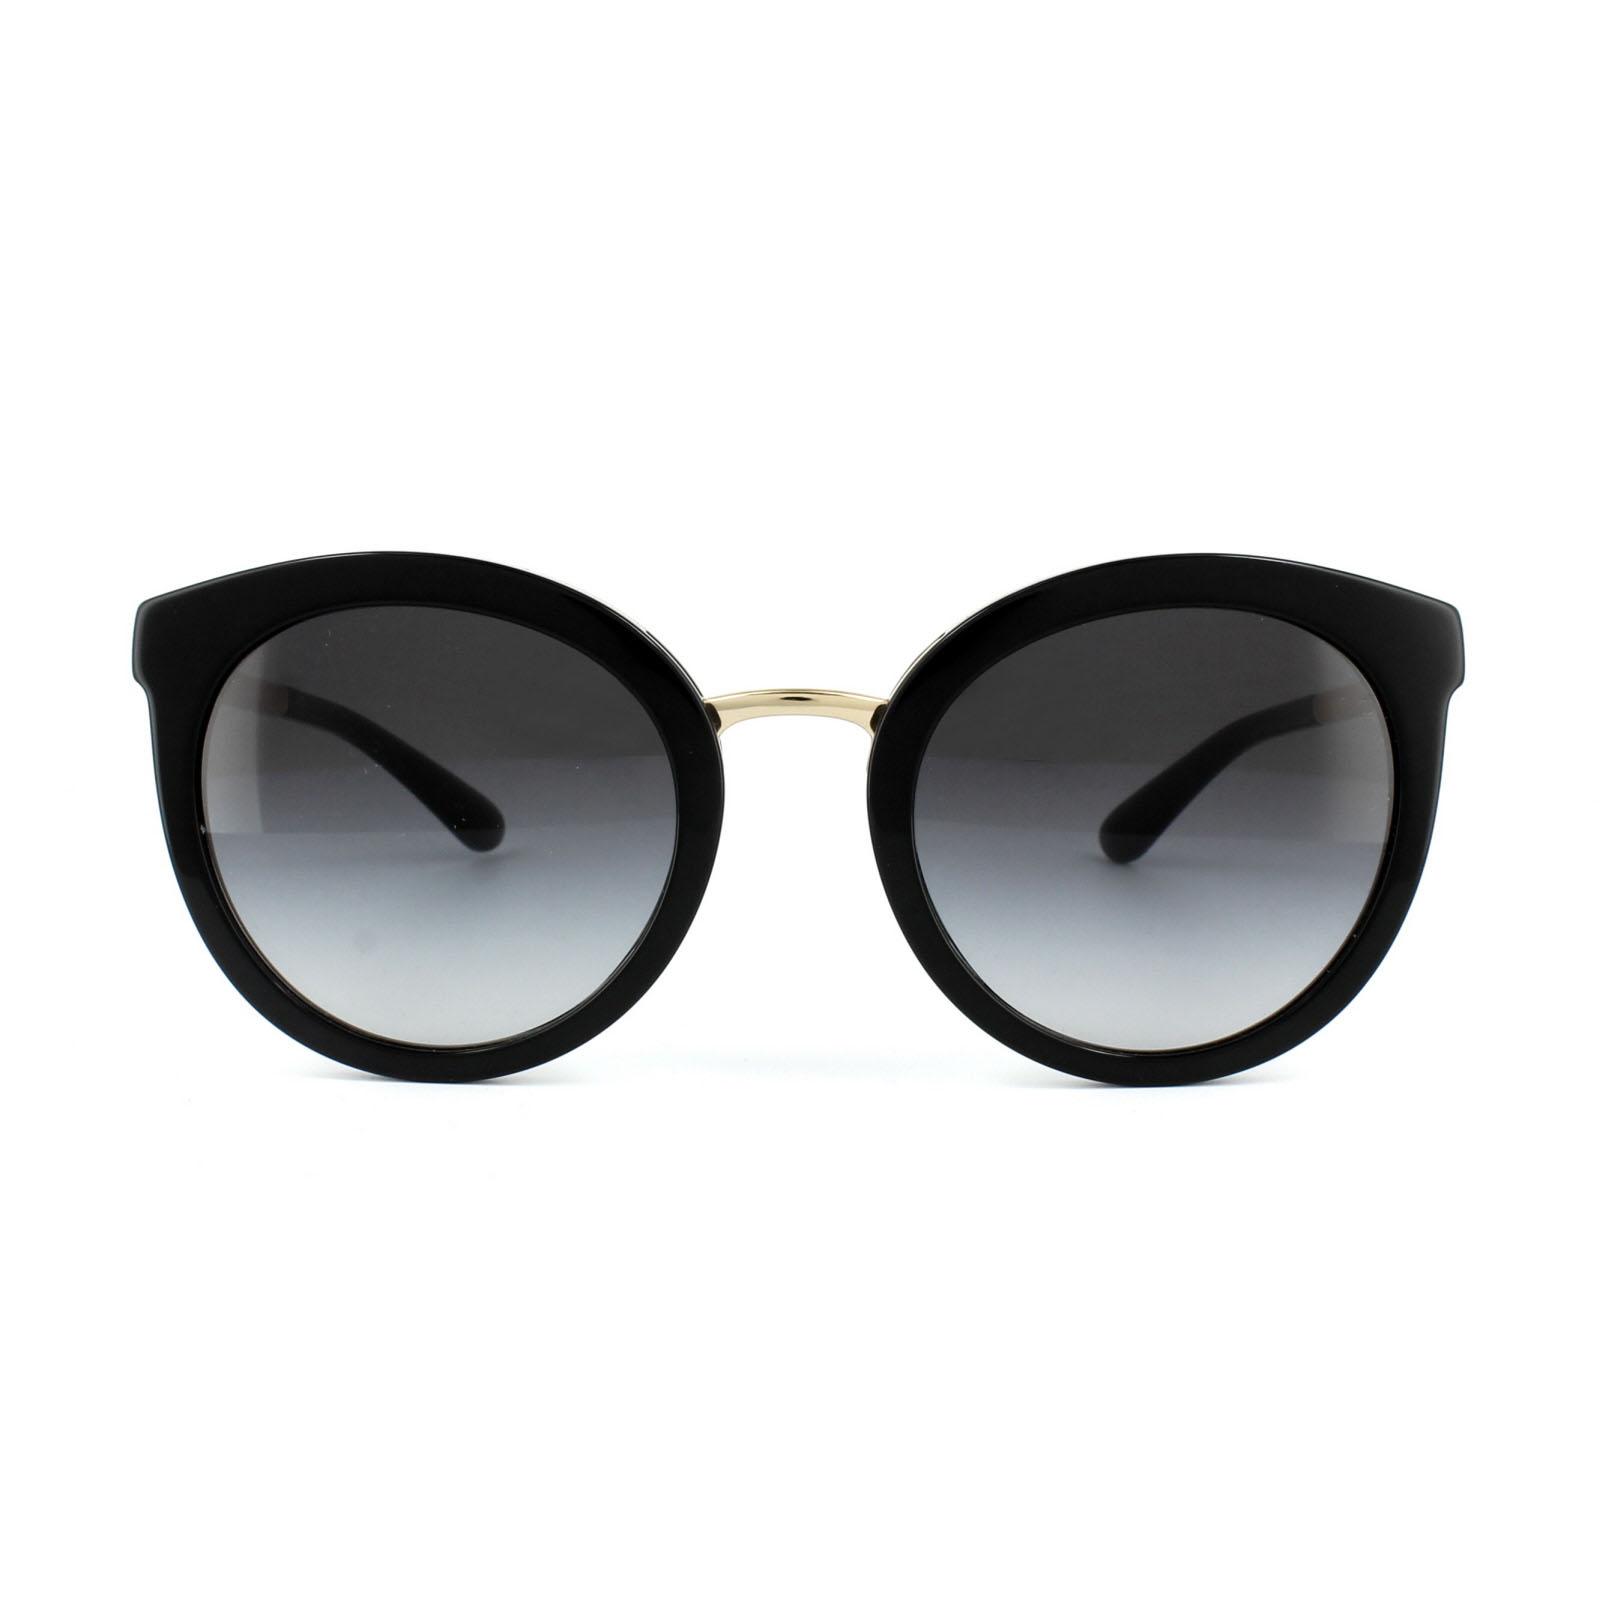 Dolce 5018 De 4268 Dégradé Noir Sur Soleilamp; Détails Afficher D'origine Gabbana G Le Titre Gris Lunettes rdWoBCxQe